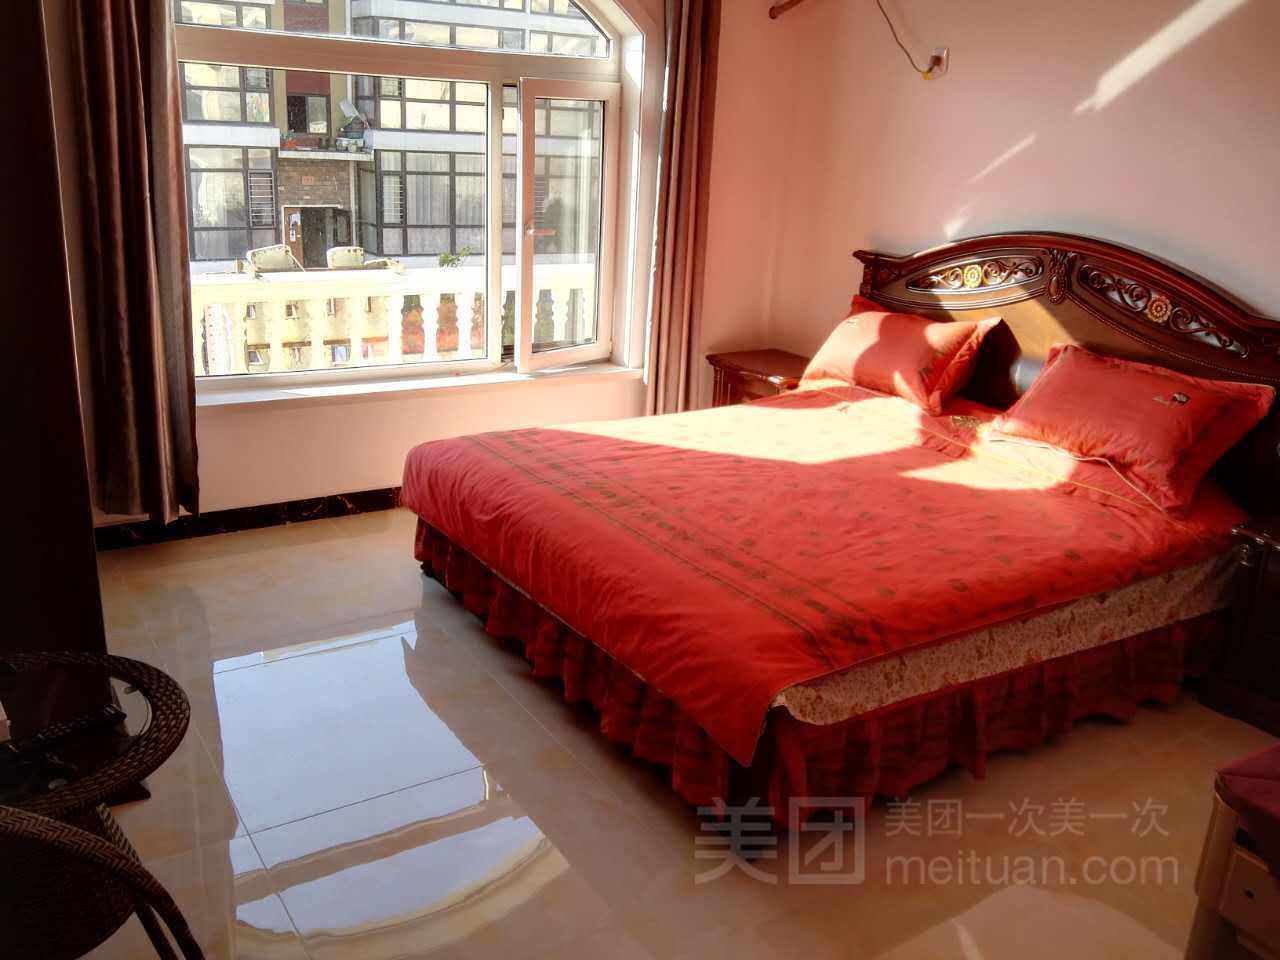 牡丹城休闲公寓预订/团购